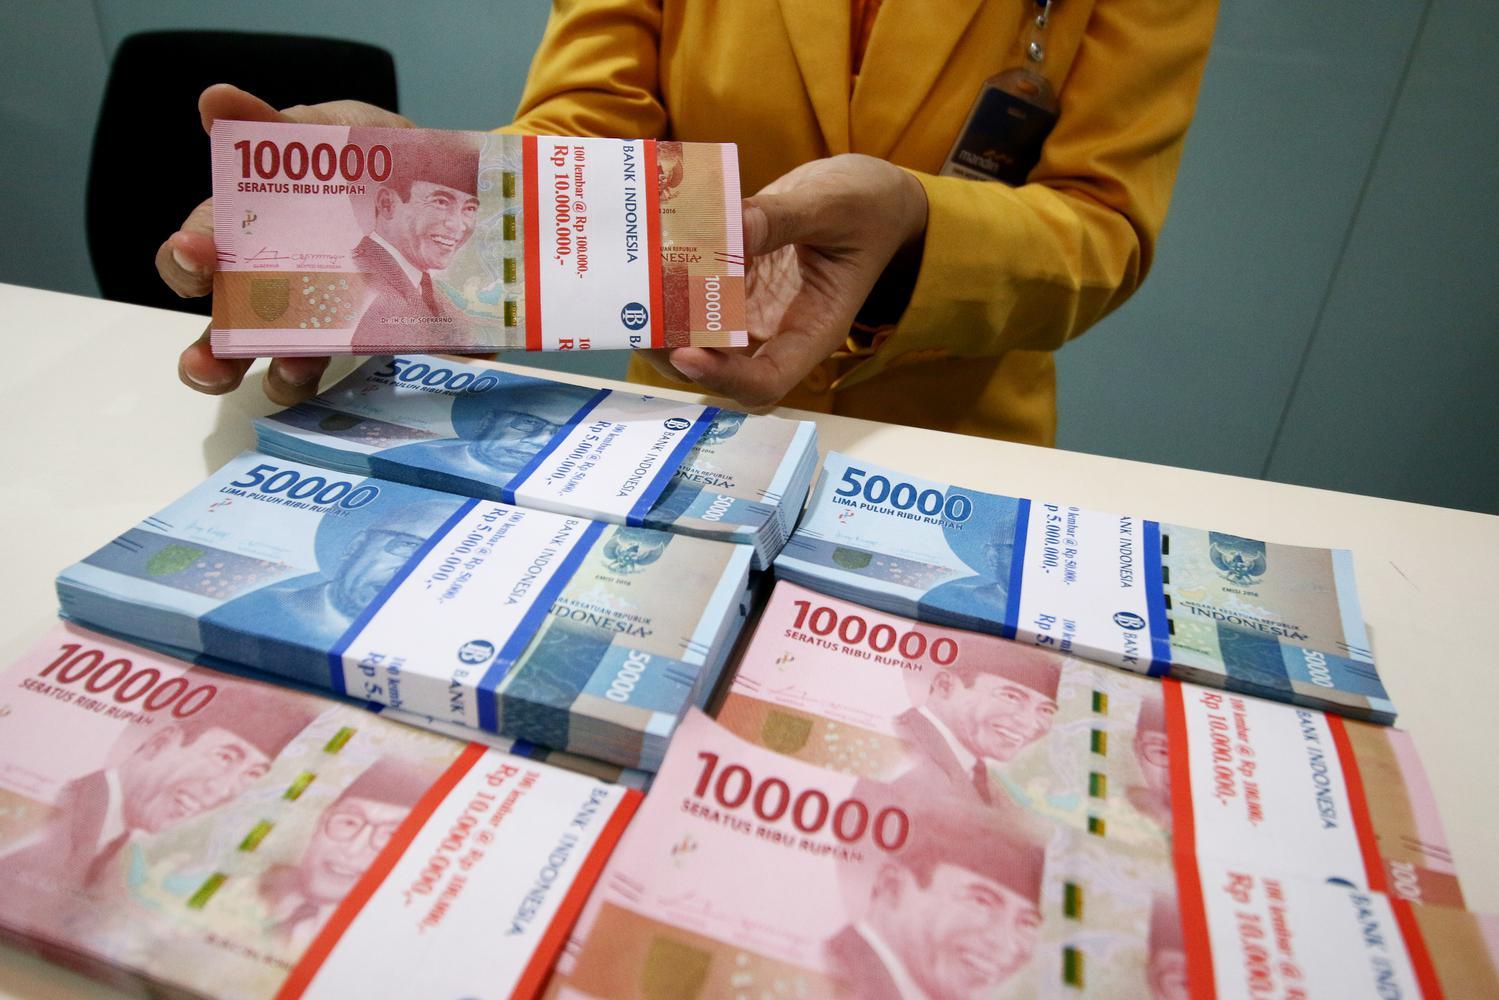 Karyawan menunjukan uang rupiah pecahan 100 ribu dan 50 ribu di Plaza Mandiri, Jakarta, Senin (23/9/2019). Nilai tukar rupiah yang ditransaksikan antar bank di Jakarta pada awal pekan ini dibayangi sentimen perang dagang, terkait batalnya kunjungan deleg